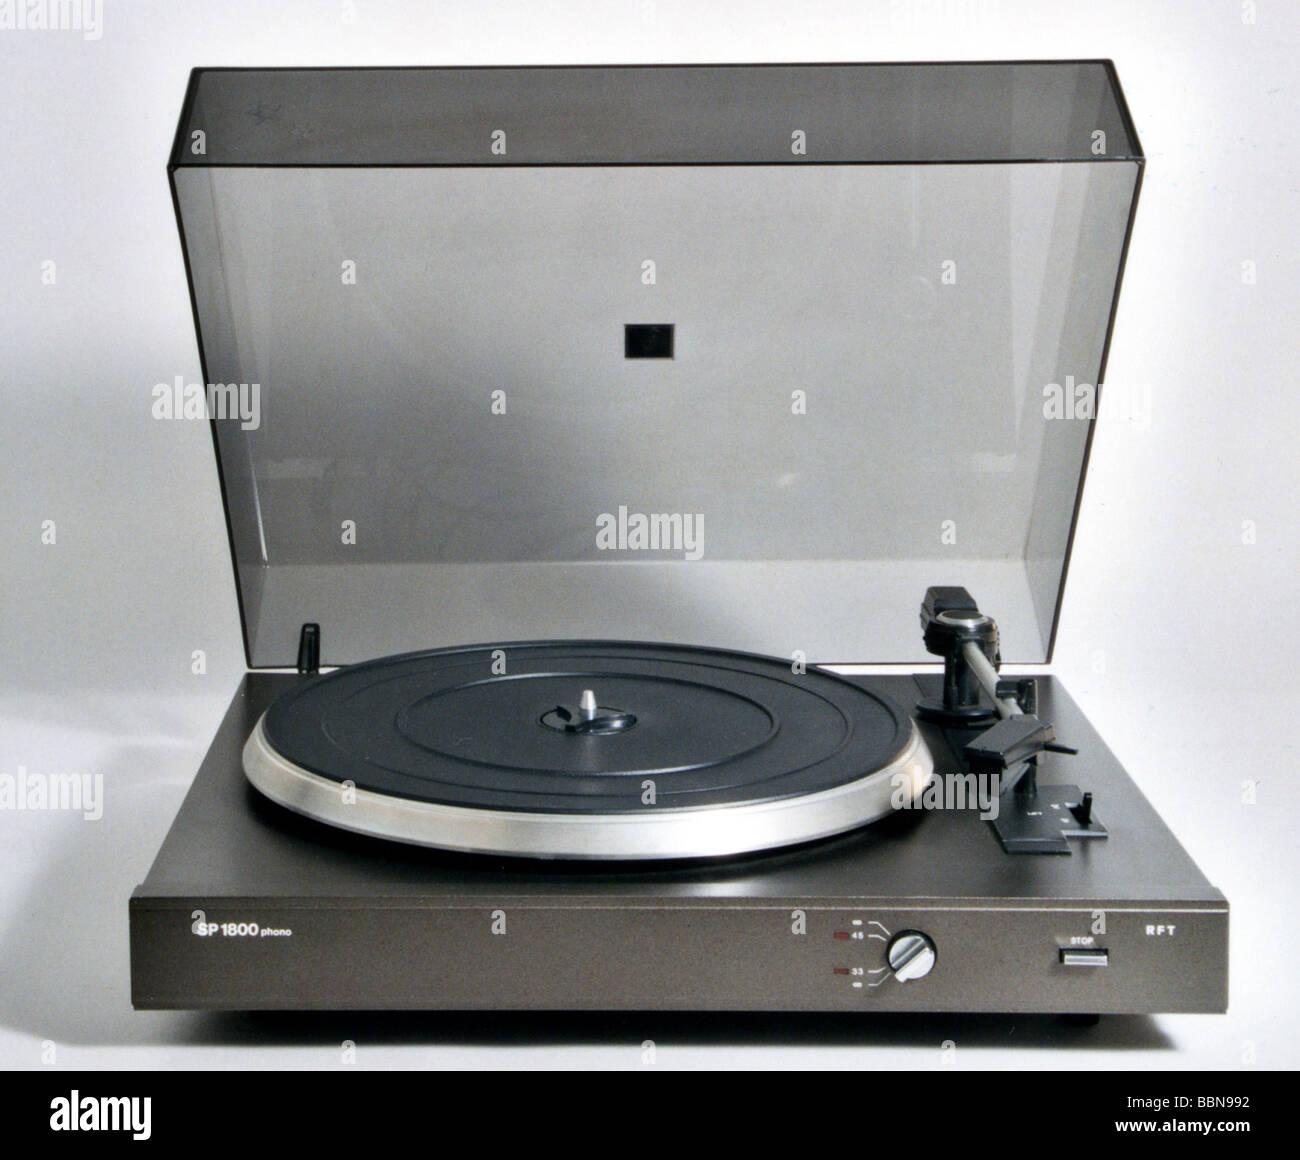 Technics, full stereo automatica record giocatore SP 1800, realizzato dalla VEB Phonotechnik Zittau-Pirna, gdr, Immagini Stock